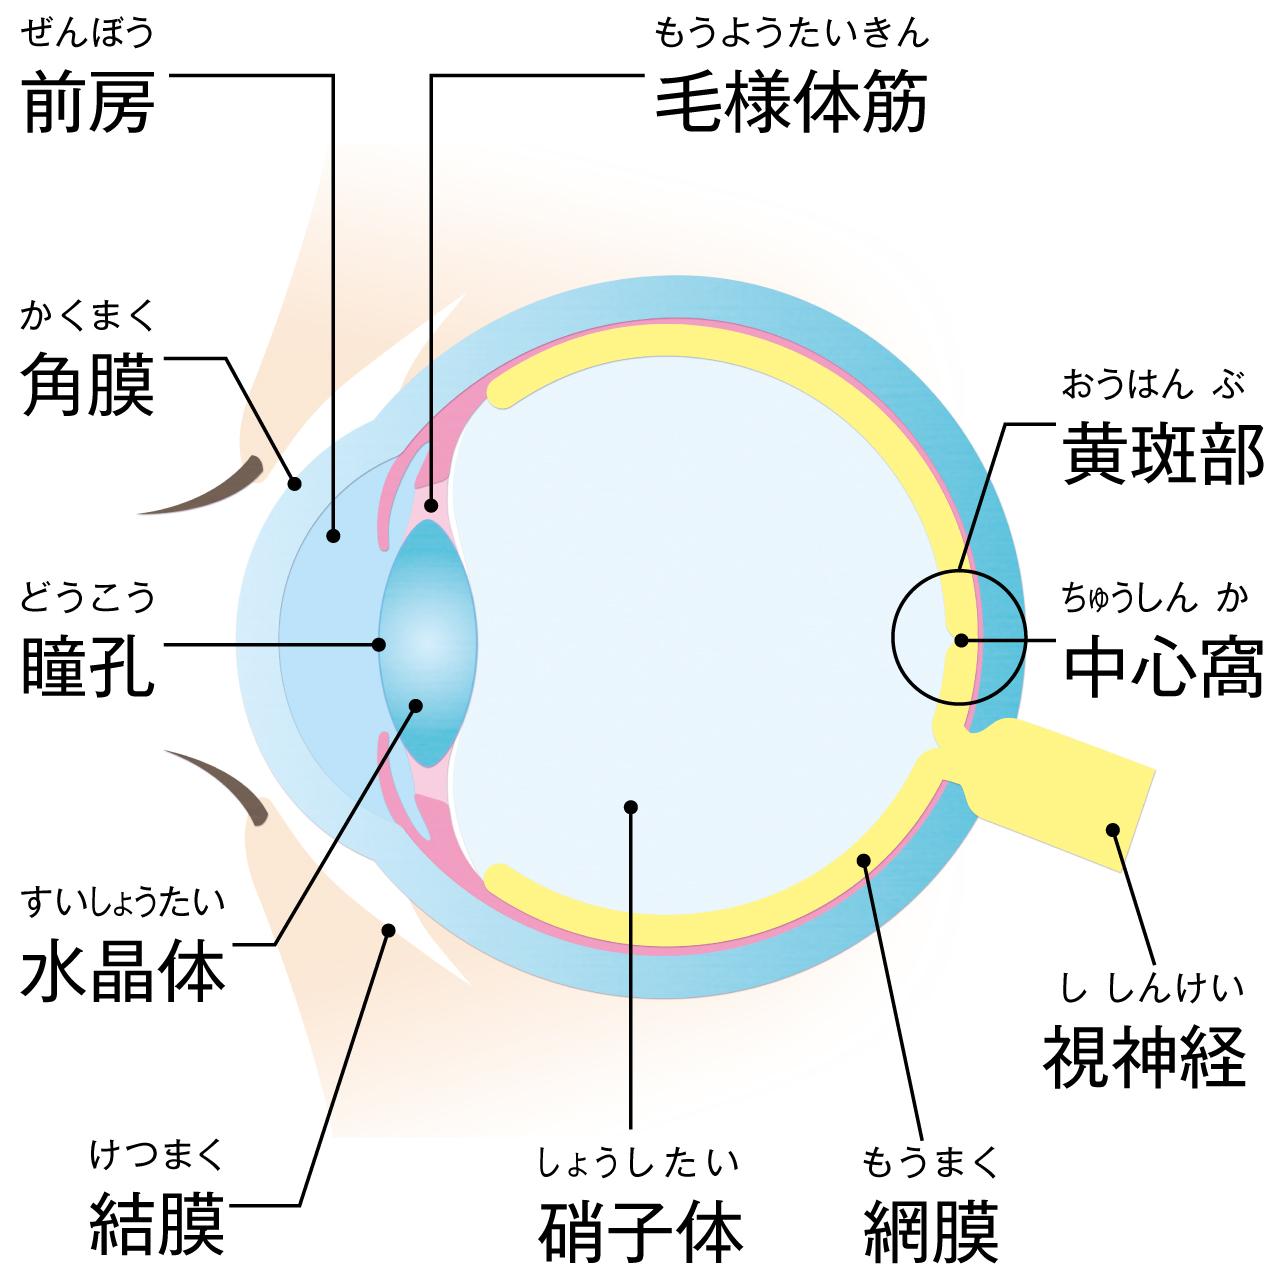 代表的な目の病気に関係する部位